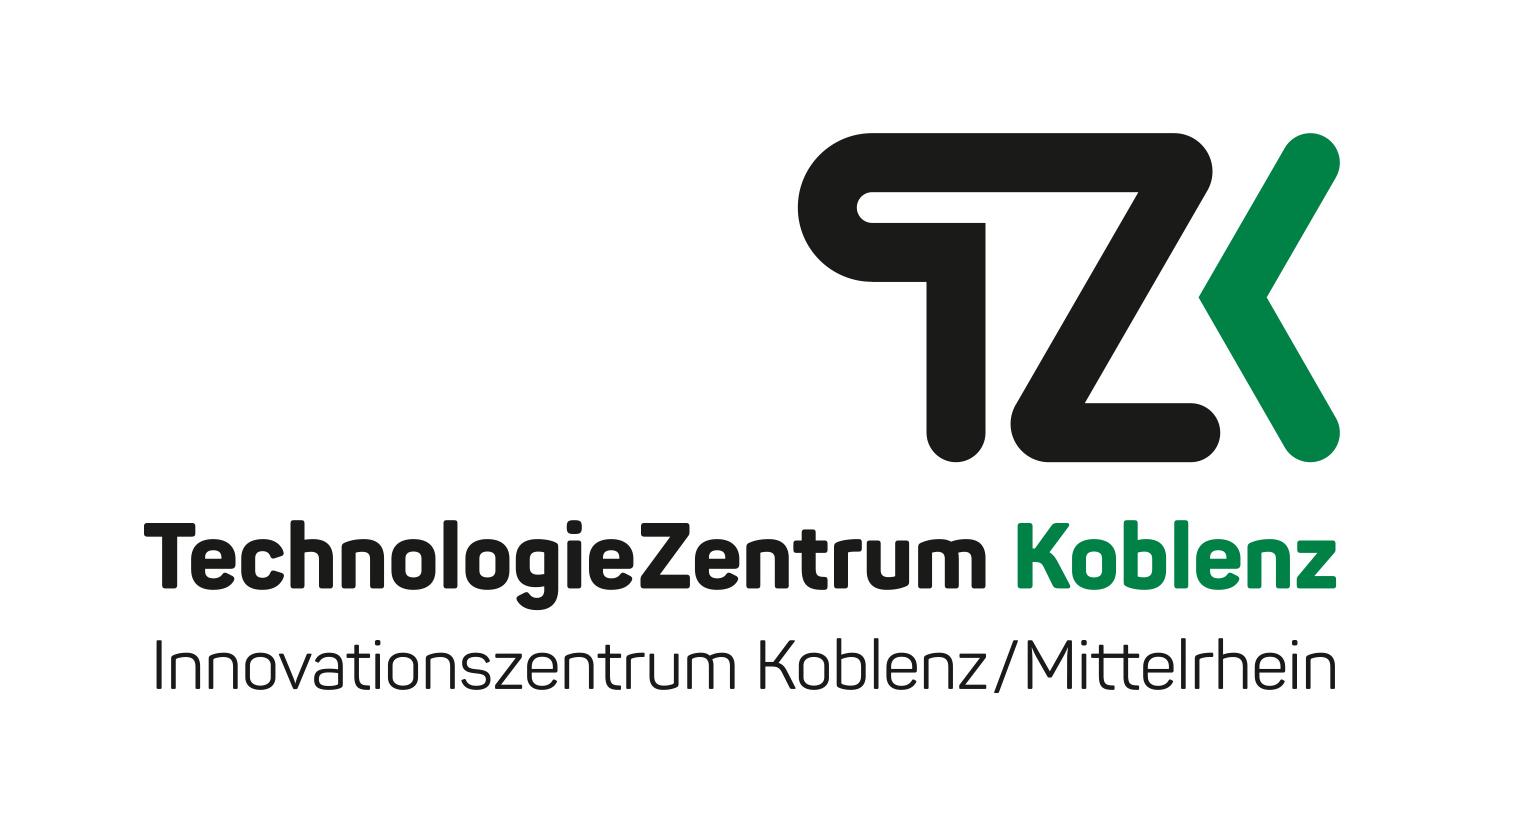 Foto: Das Technologiezentrum Koblenz unterstützt die Umweltinitiative DRECK WEG, KOBLENZ!